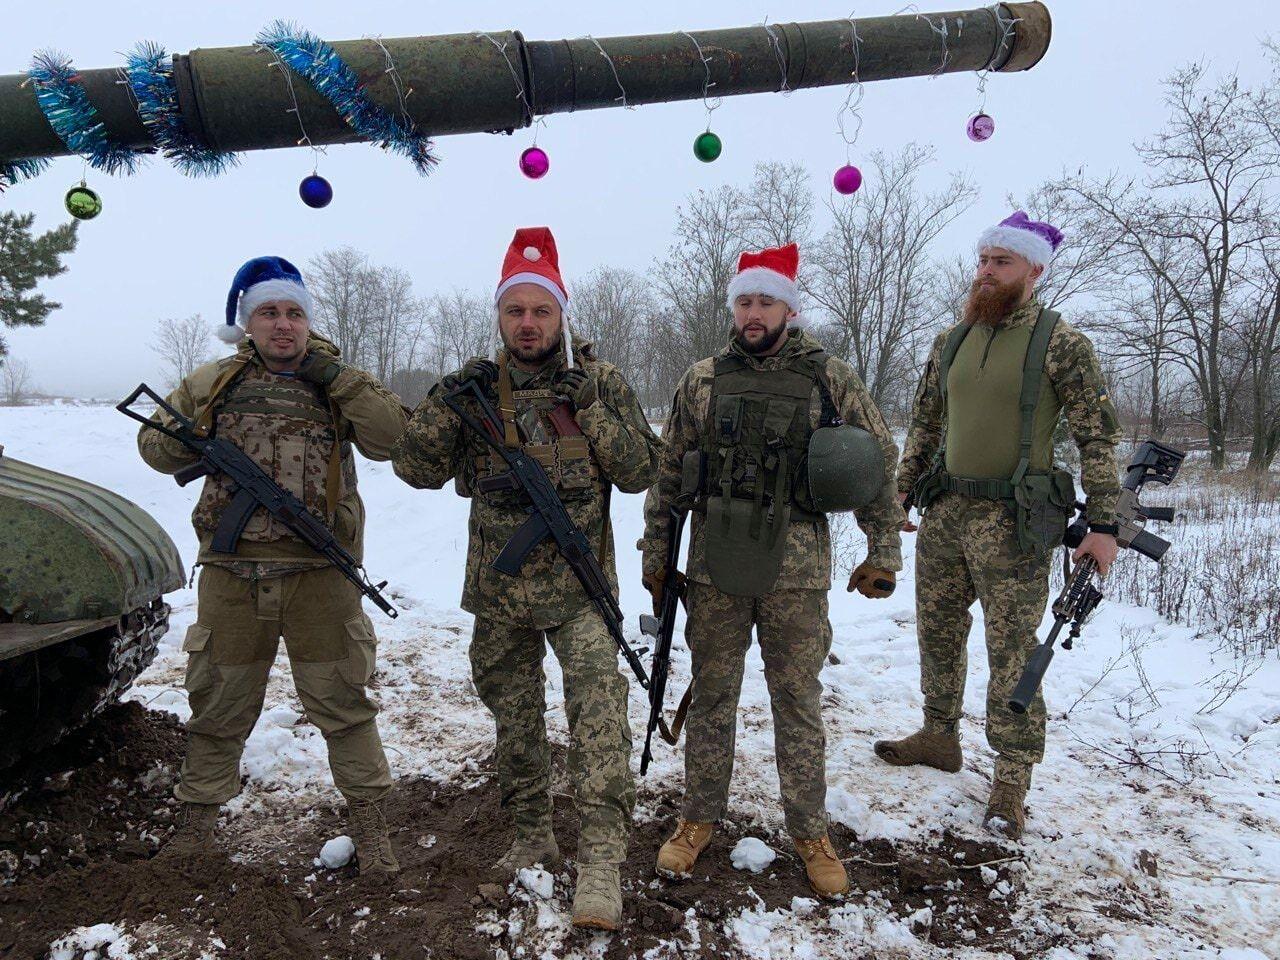 Воины ВСУ в образах Санта-Клаусов